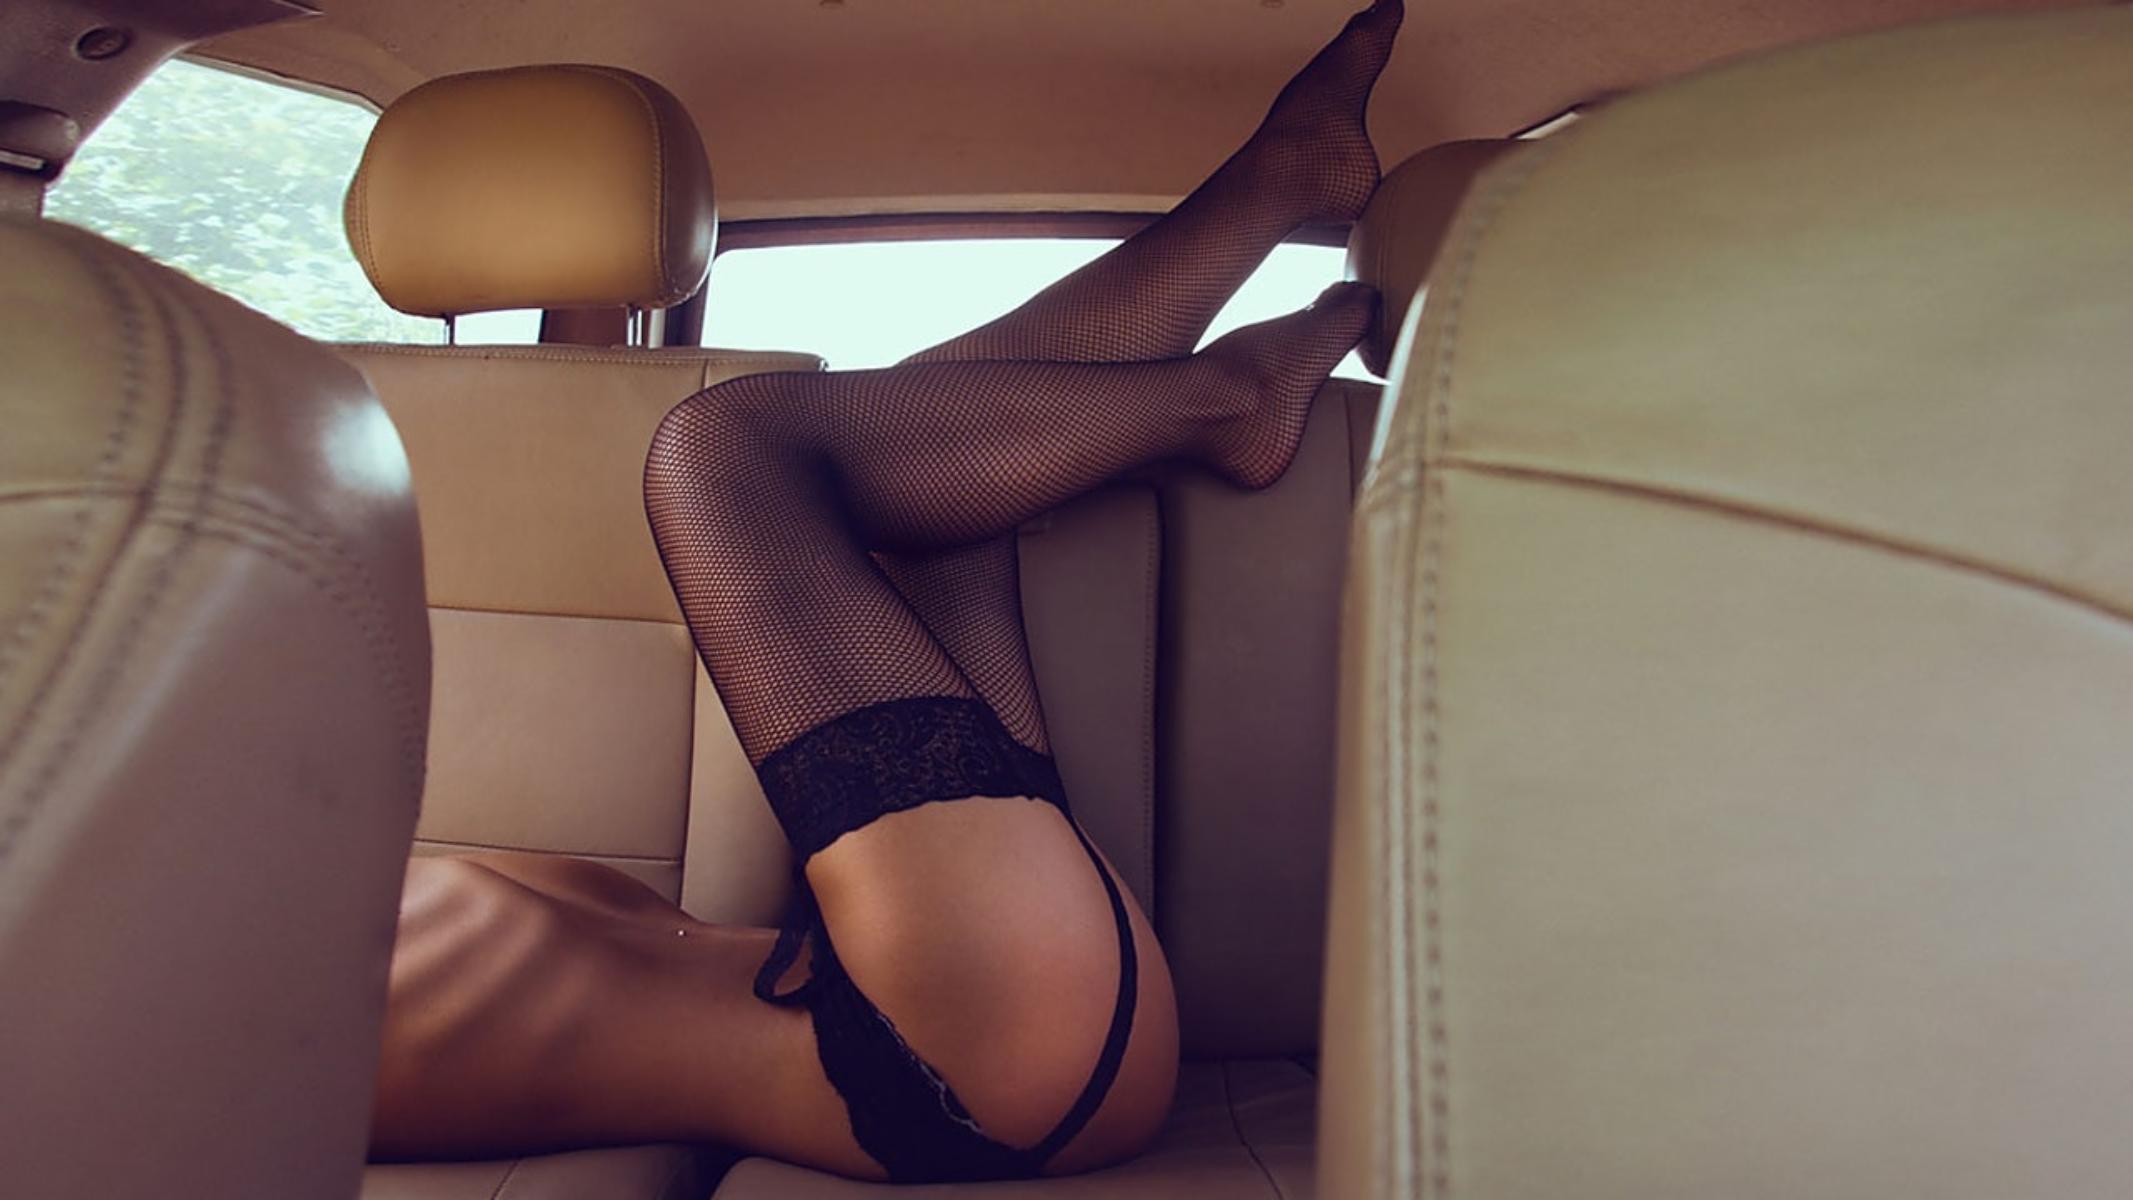 Σεξ στο αυτοκίνητο: Καν' το πιο βολικά από ποτέ